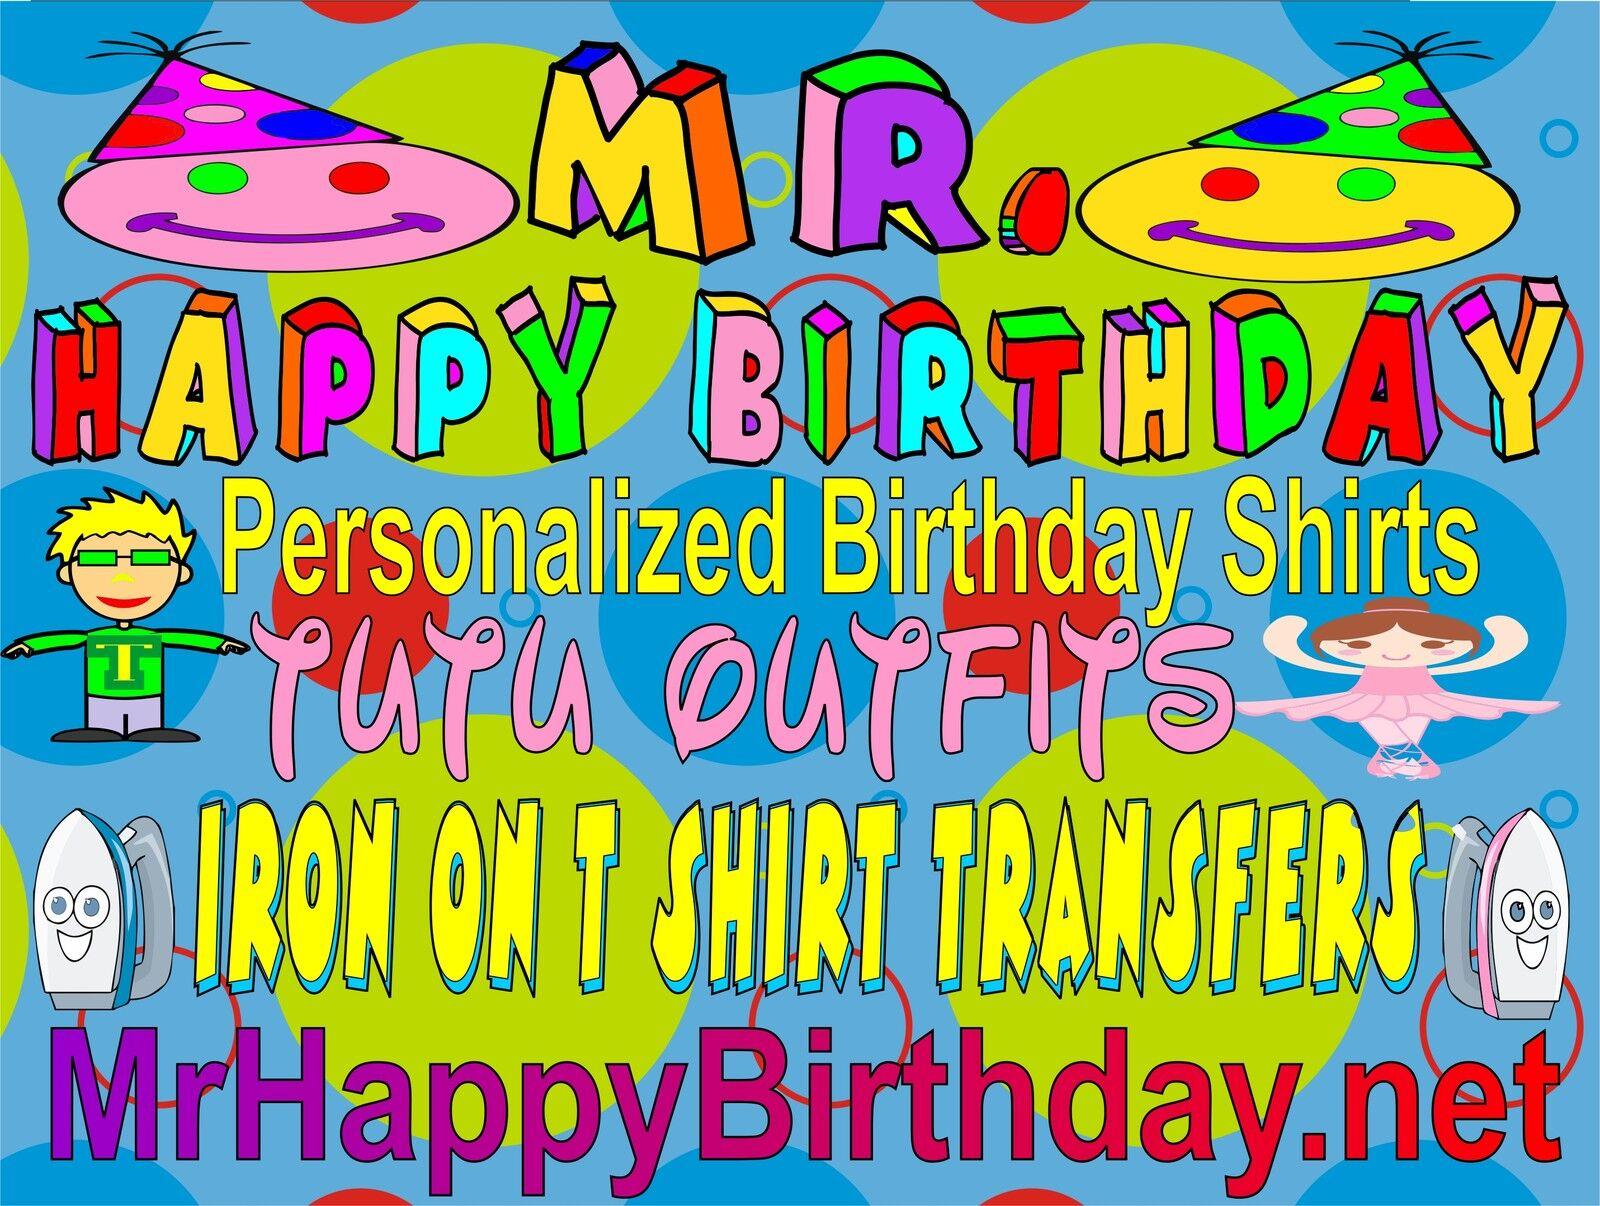 Mr.Happy Birthday